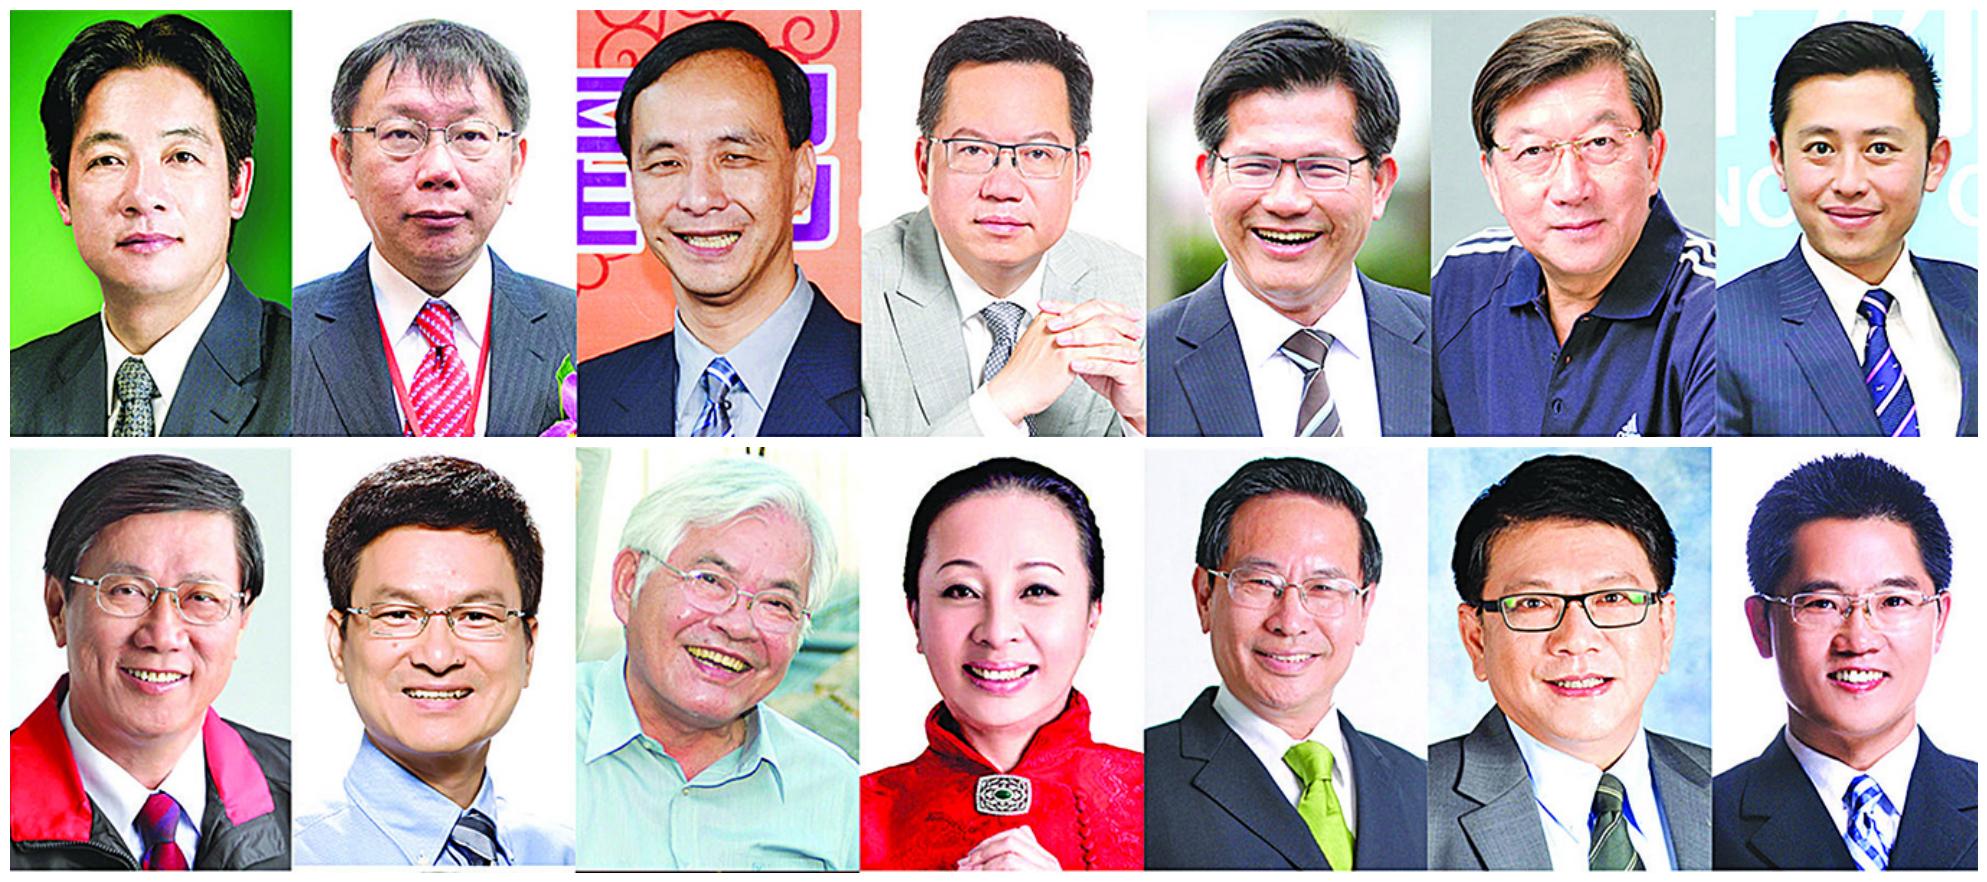 台灣新任行政院長賴清德及其他27 位地方政要相繼發出賀詞,歡迎神韻交響樂團。圖為部分政要。( 大紀元合成圖)